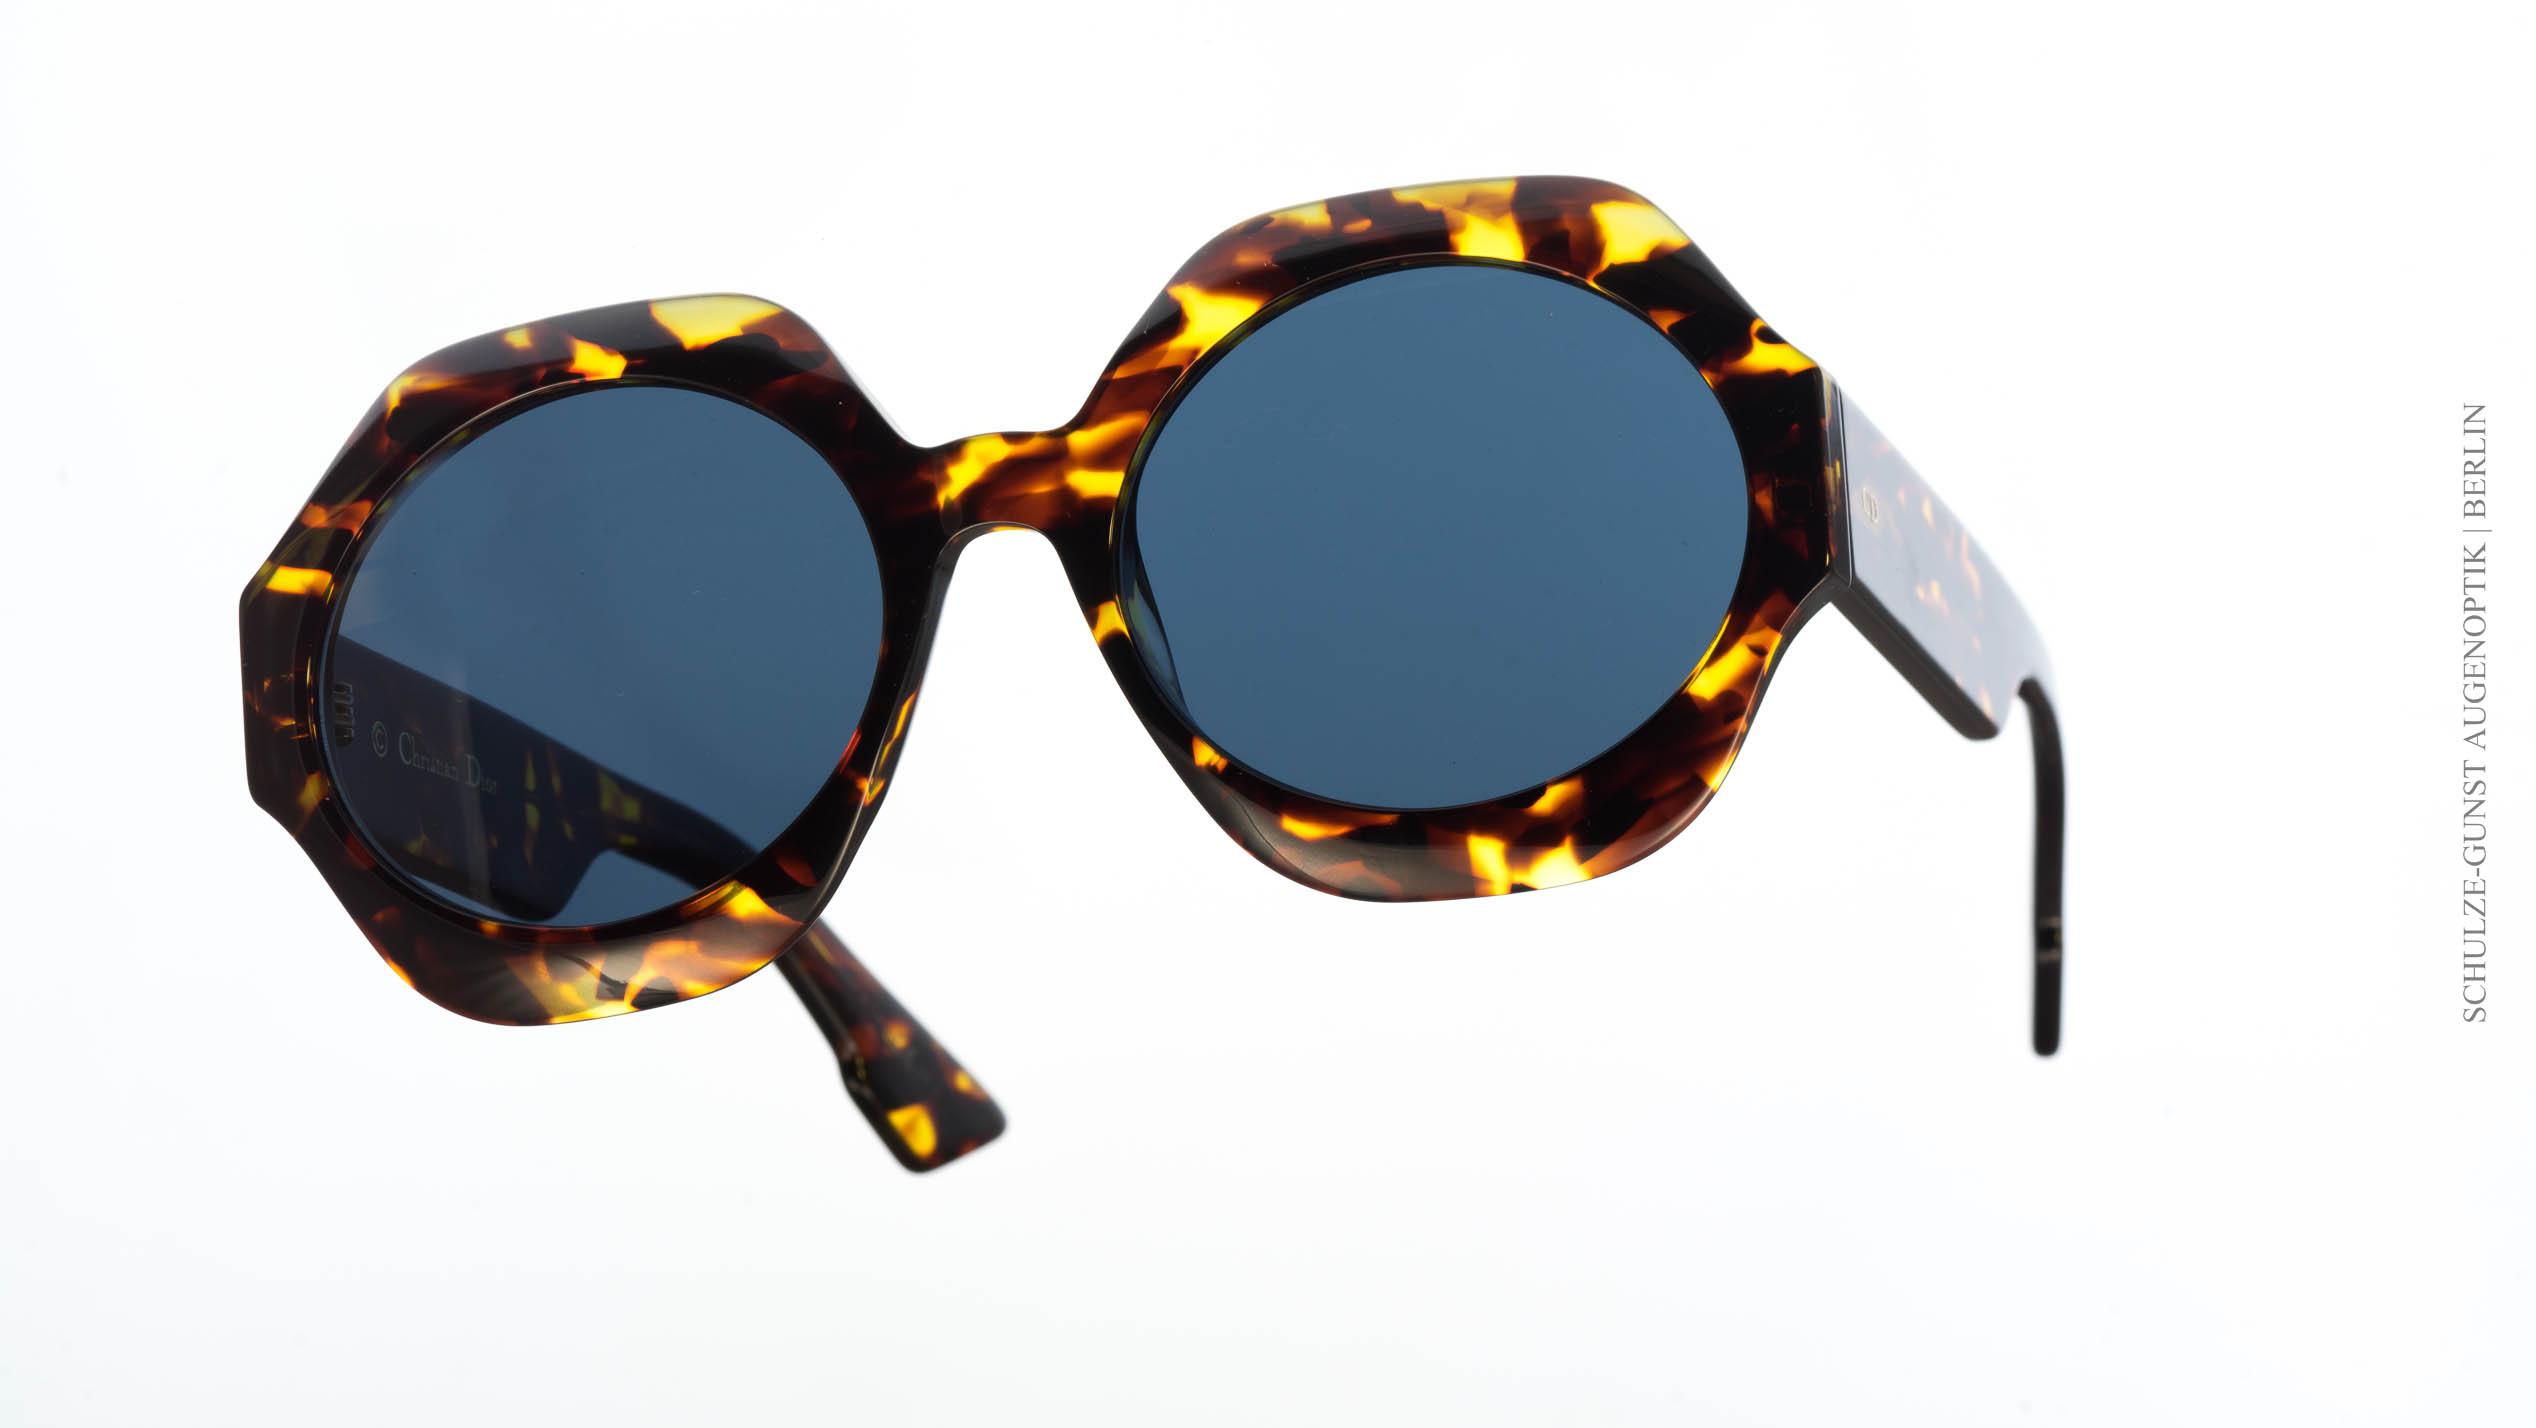 neue angebote heiße Produkte begehrte Auswahl an dior-damenbrille Archive - SCHULZE-GUNST Augenoptik seit 1894